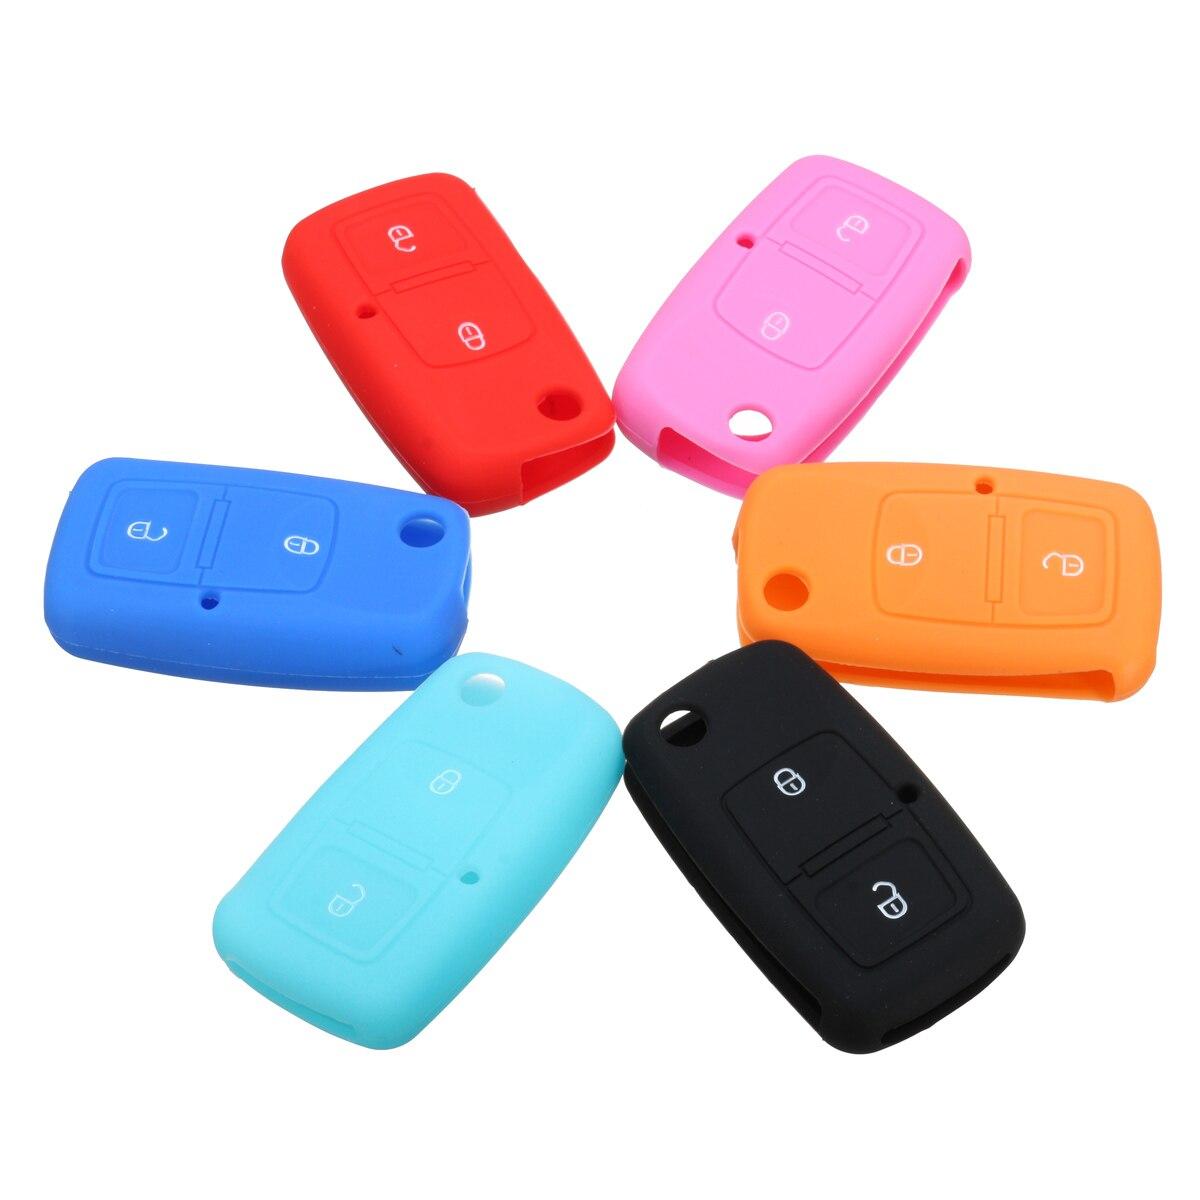 Nueva funda de llave de control remoto abatible de 2 botones de silicona funda protectora para llavero para VW Bora Touran Cady